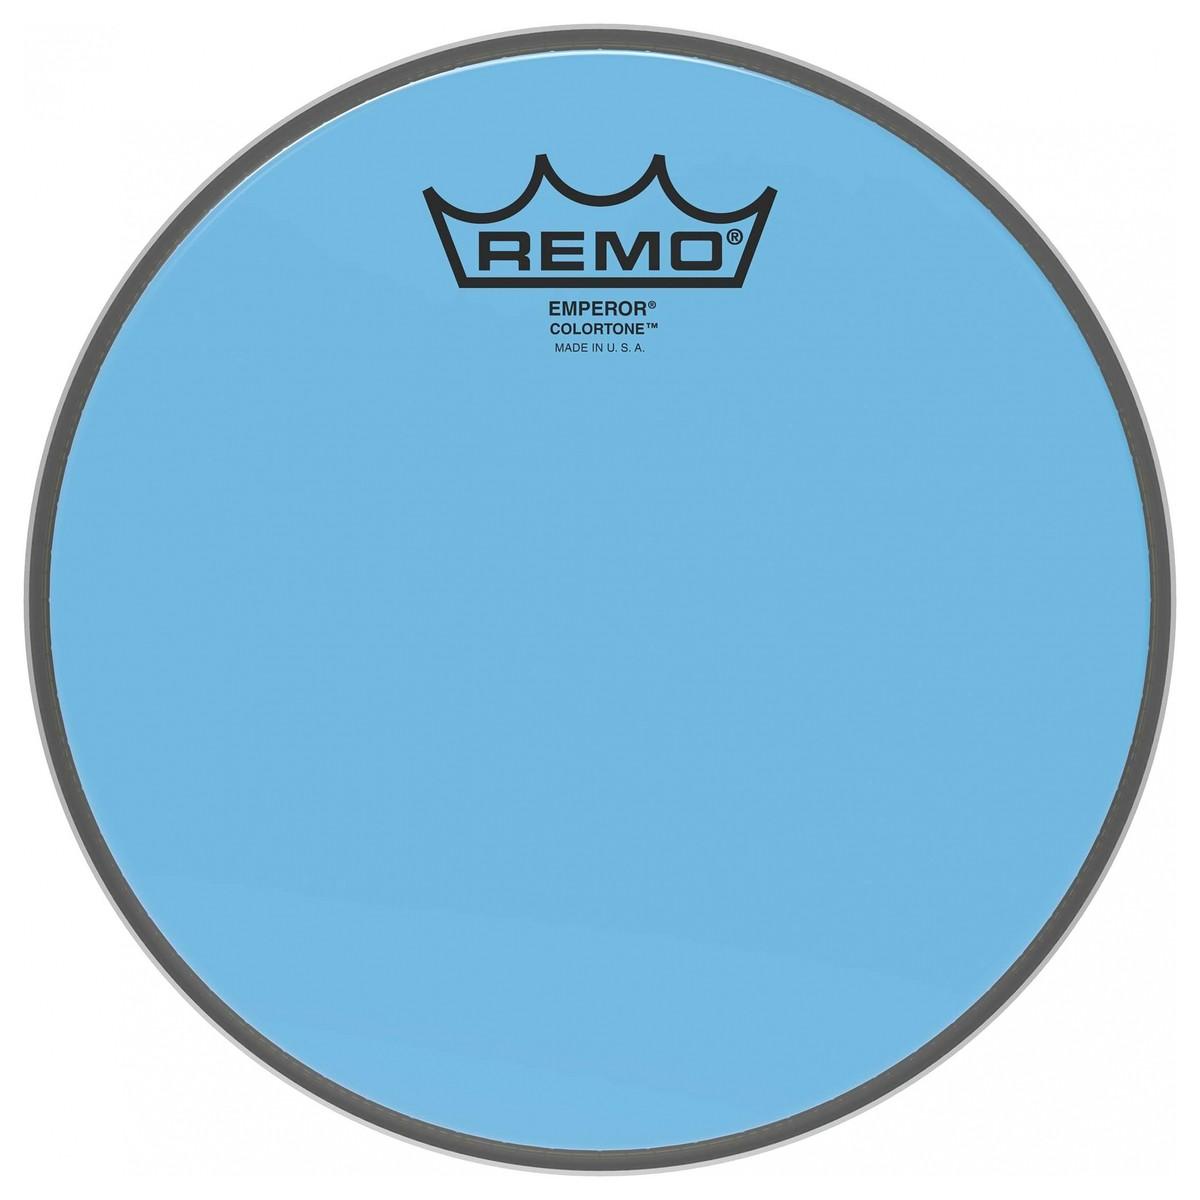 Remo Emperor Colortone Blue 15 Drum Head